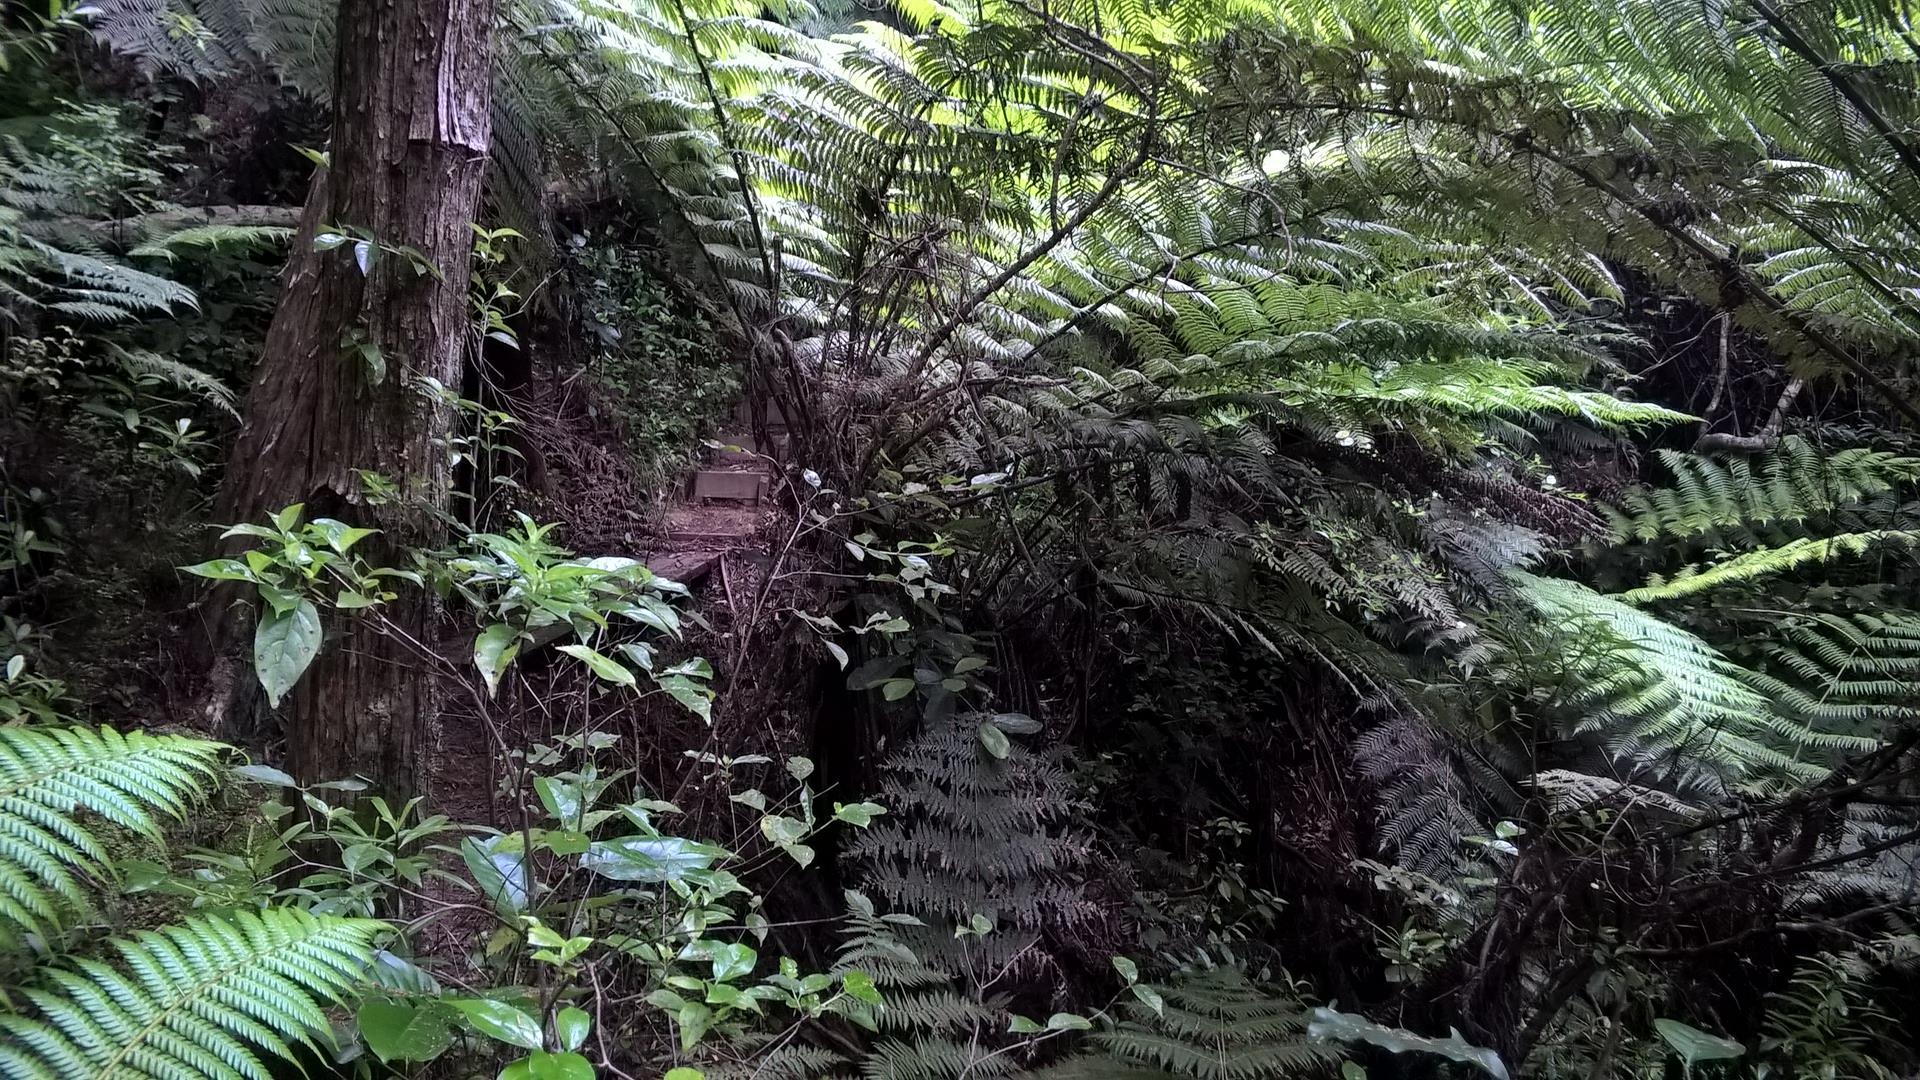 ... teils quer durch den Urwald...